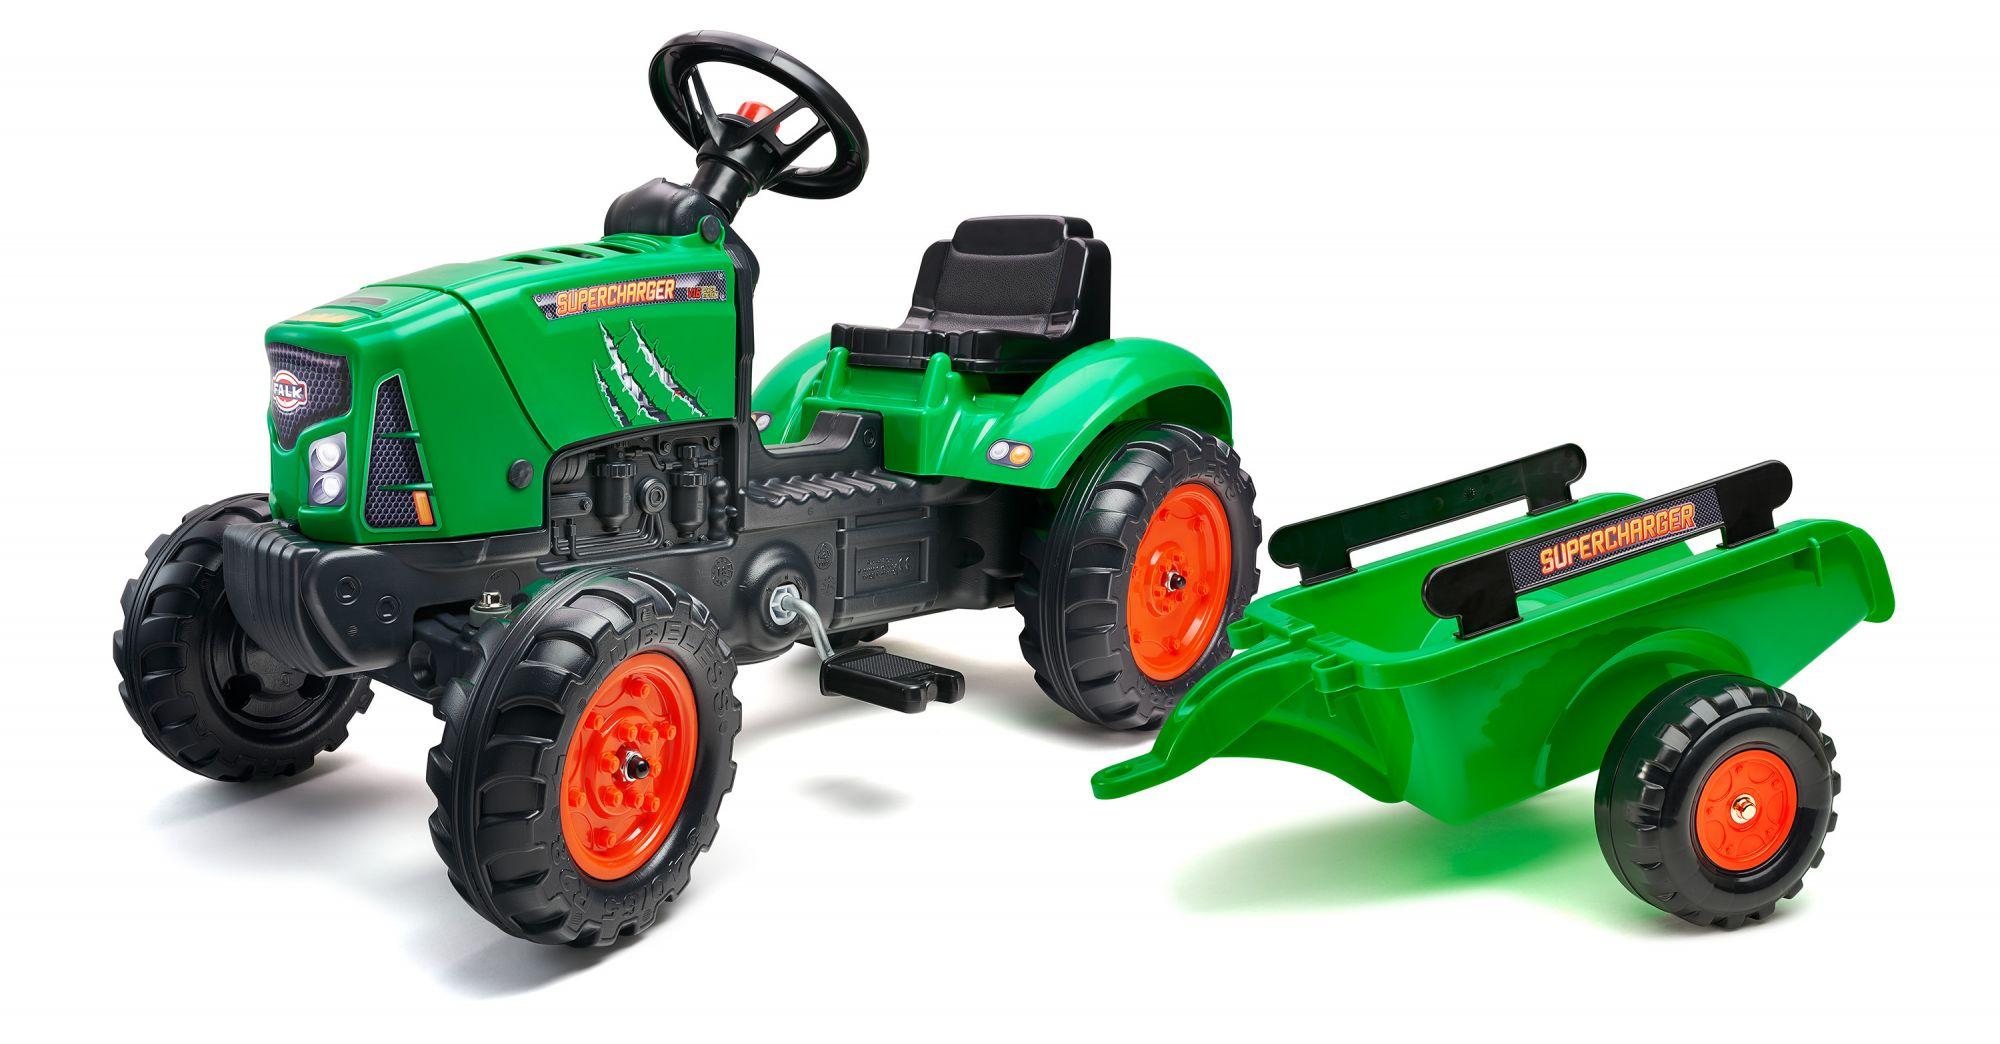 Falk Supercharger - Grün - Traktor - Jungen